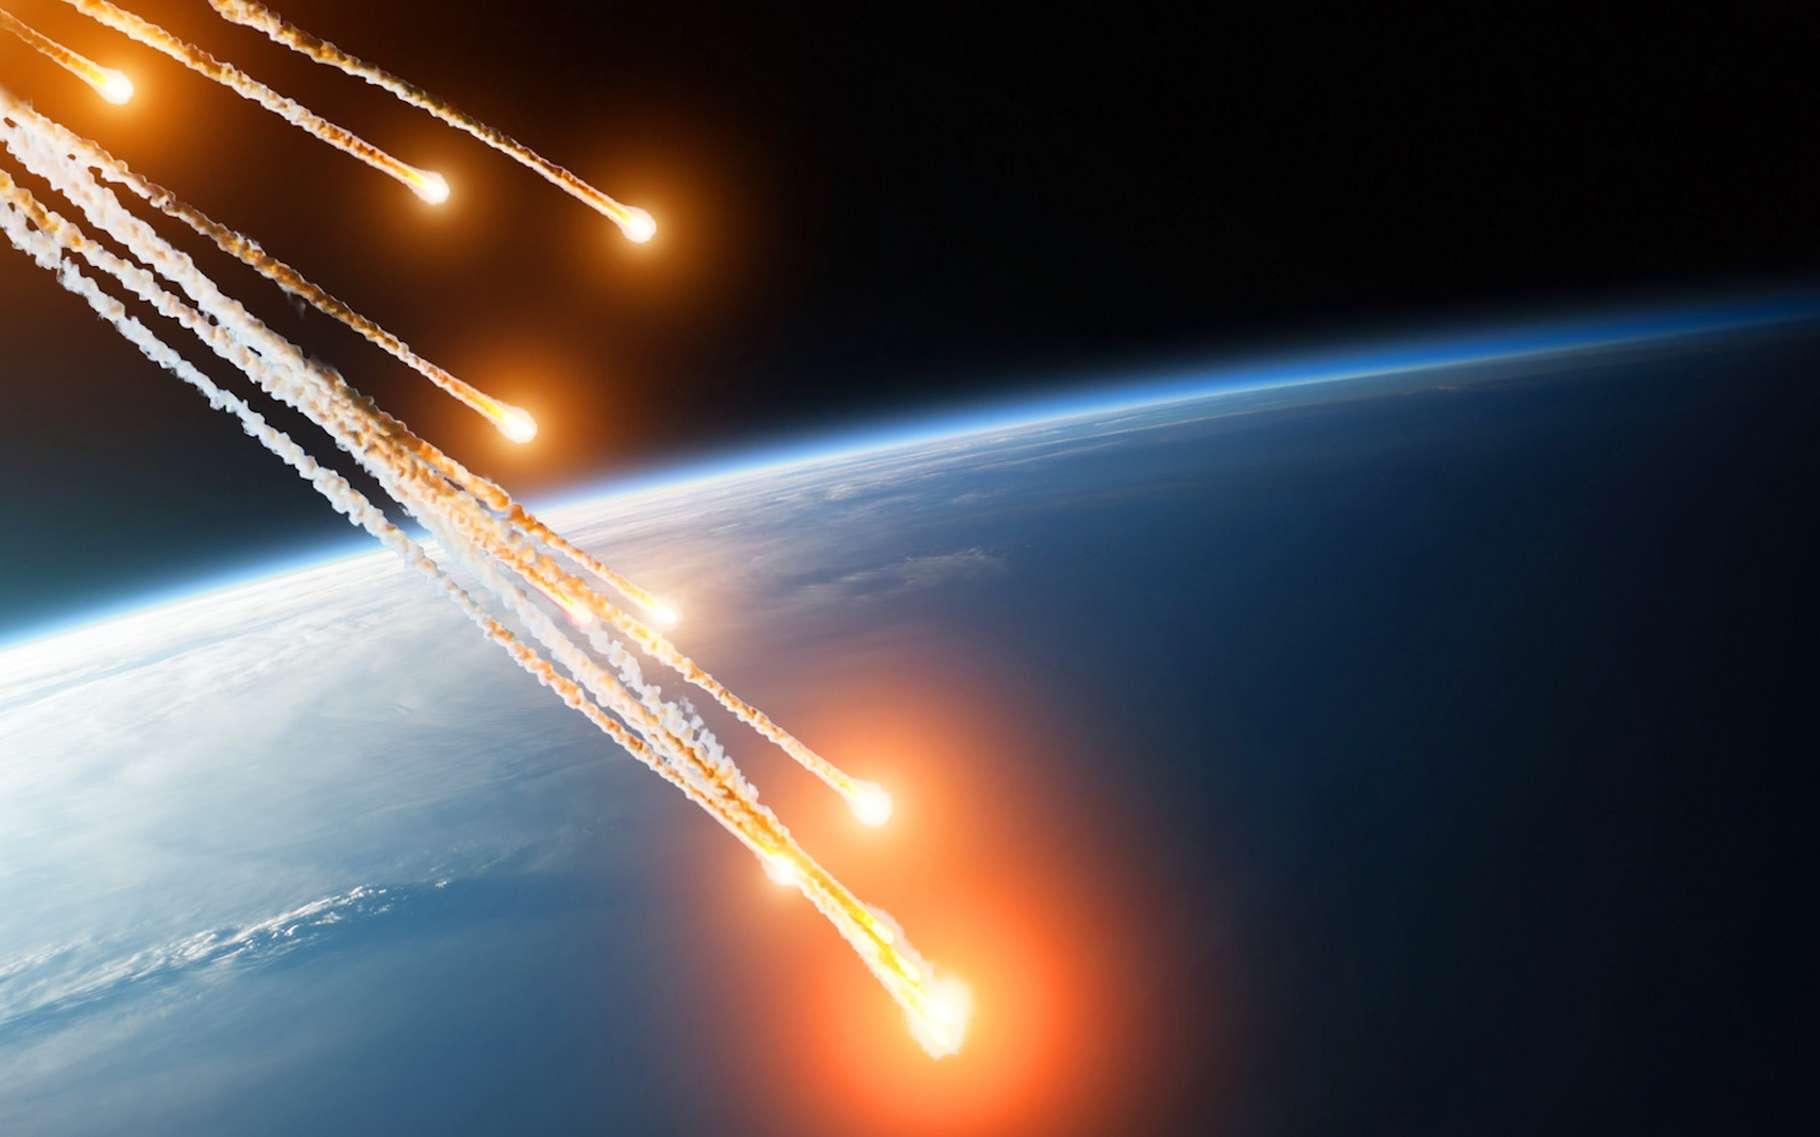 Grâce à des billes de verres retrouvées dans des fossiles de palourdes, les chercheurs imaginent aujourd'hui que la Floride a pu connaître un bombardement de météorites jusqu'alors insoupçonné. © aapsky, Fotolia